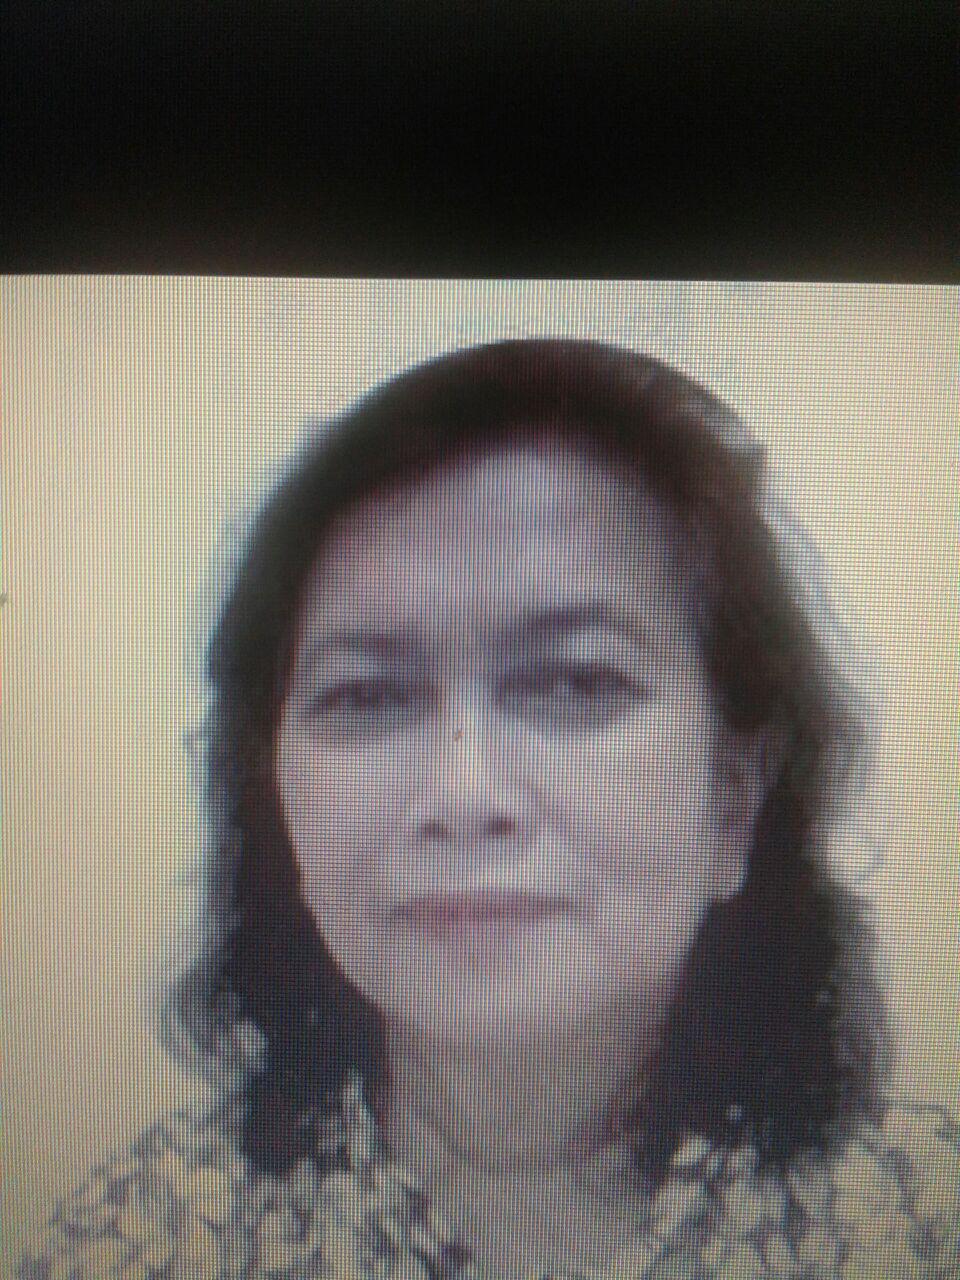 Dr. Warida Tofani